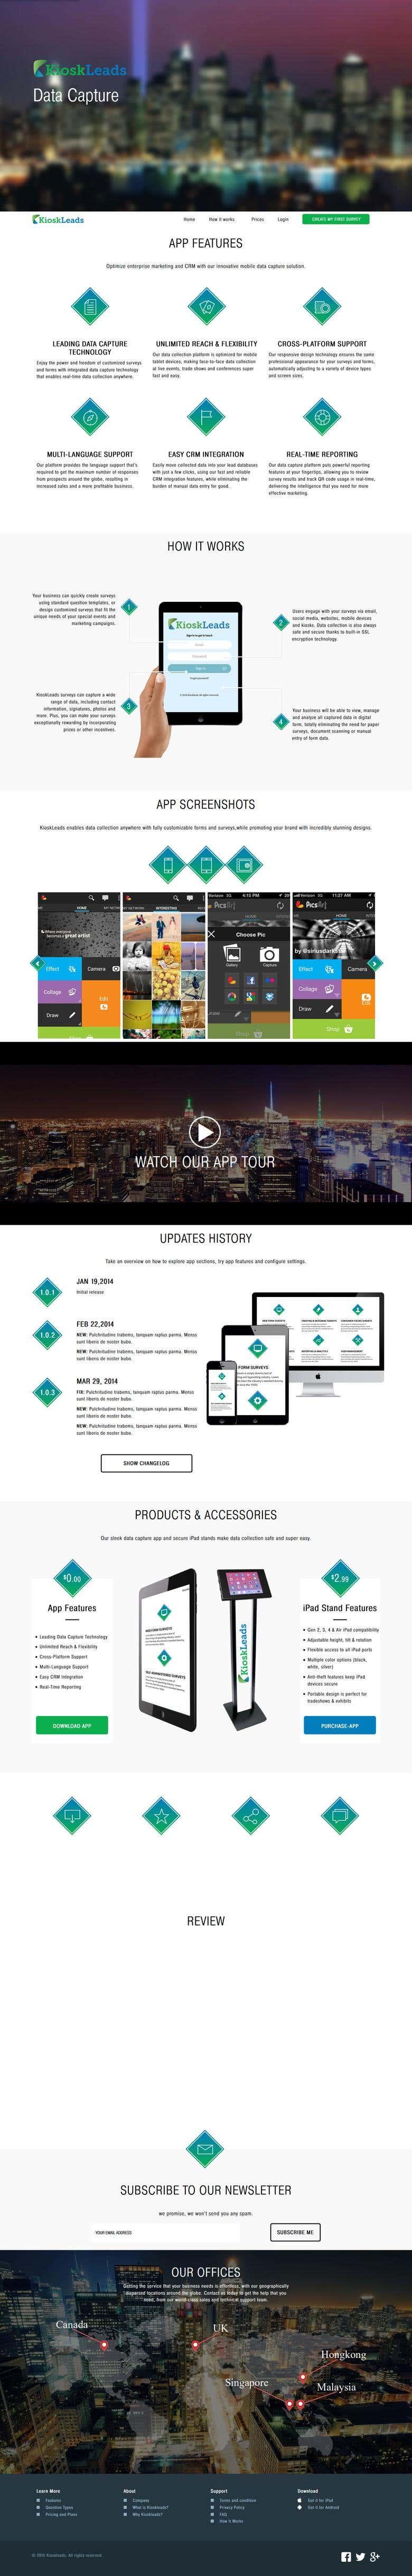 Kiosk Lead App [IOS + Android]   Freelancer